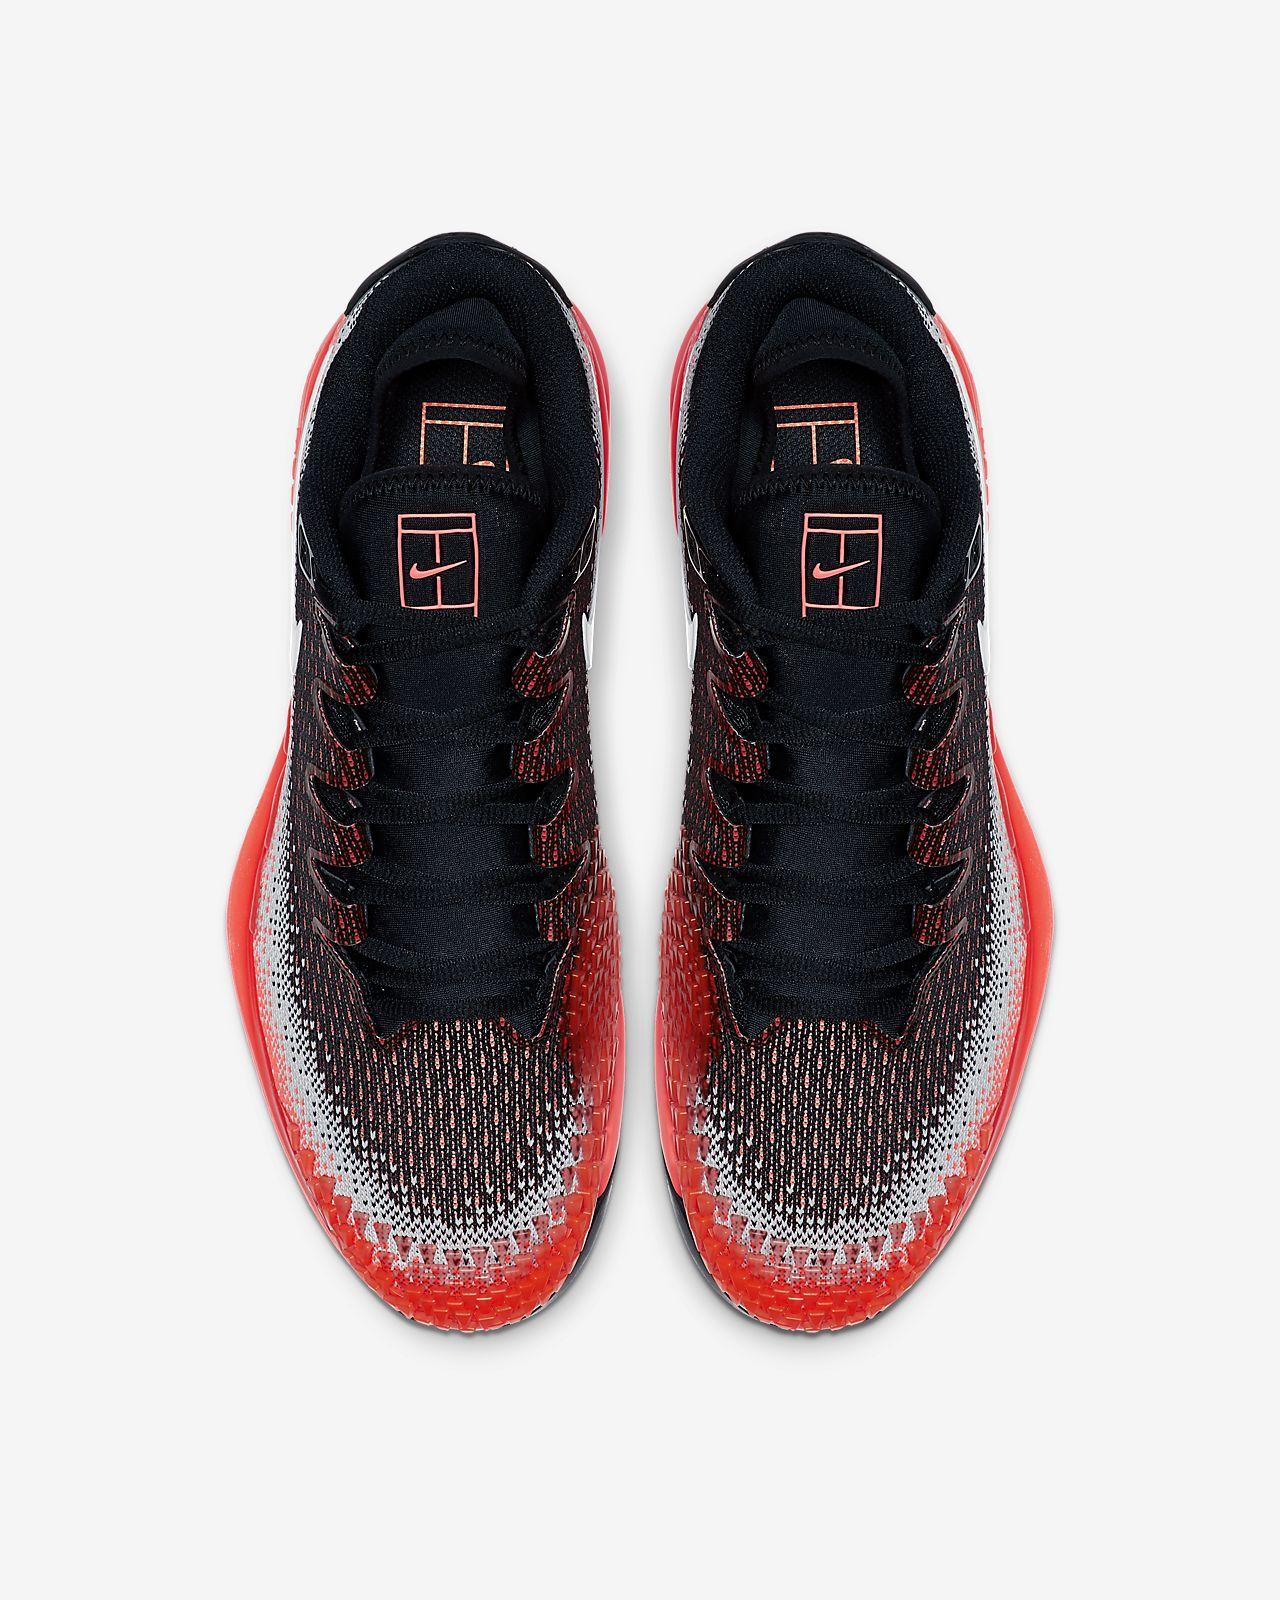 d159cad6 NikeCourt Air Zoom Vapor X Knit Men's Hard Court Tennis Shoe